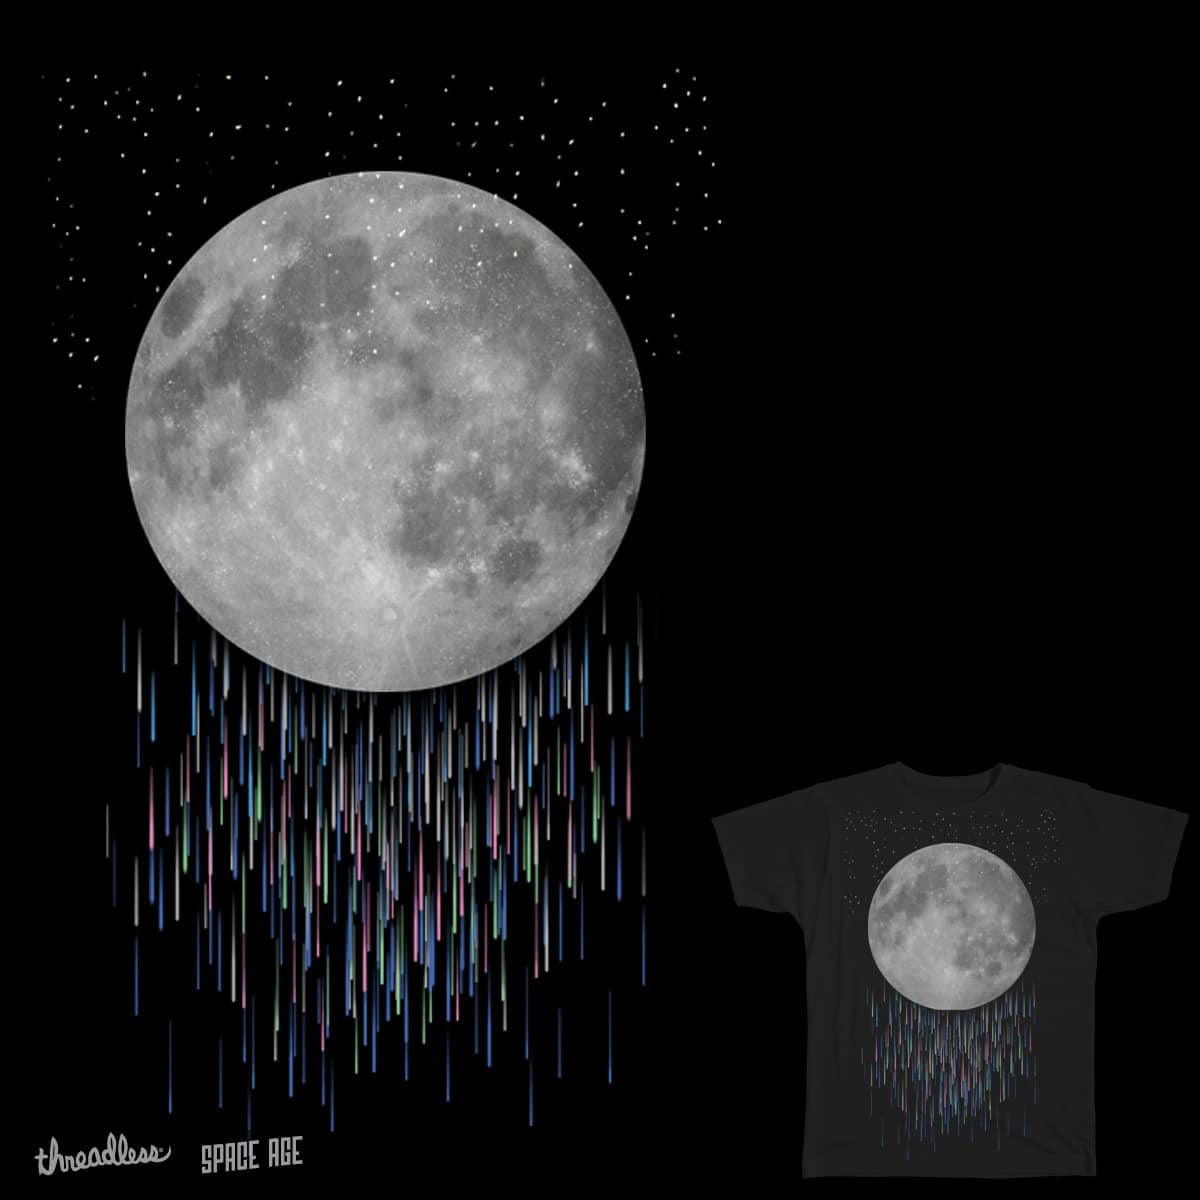 ночь дождь луна картинки яда растения